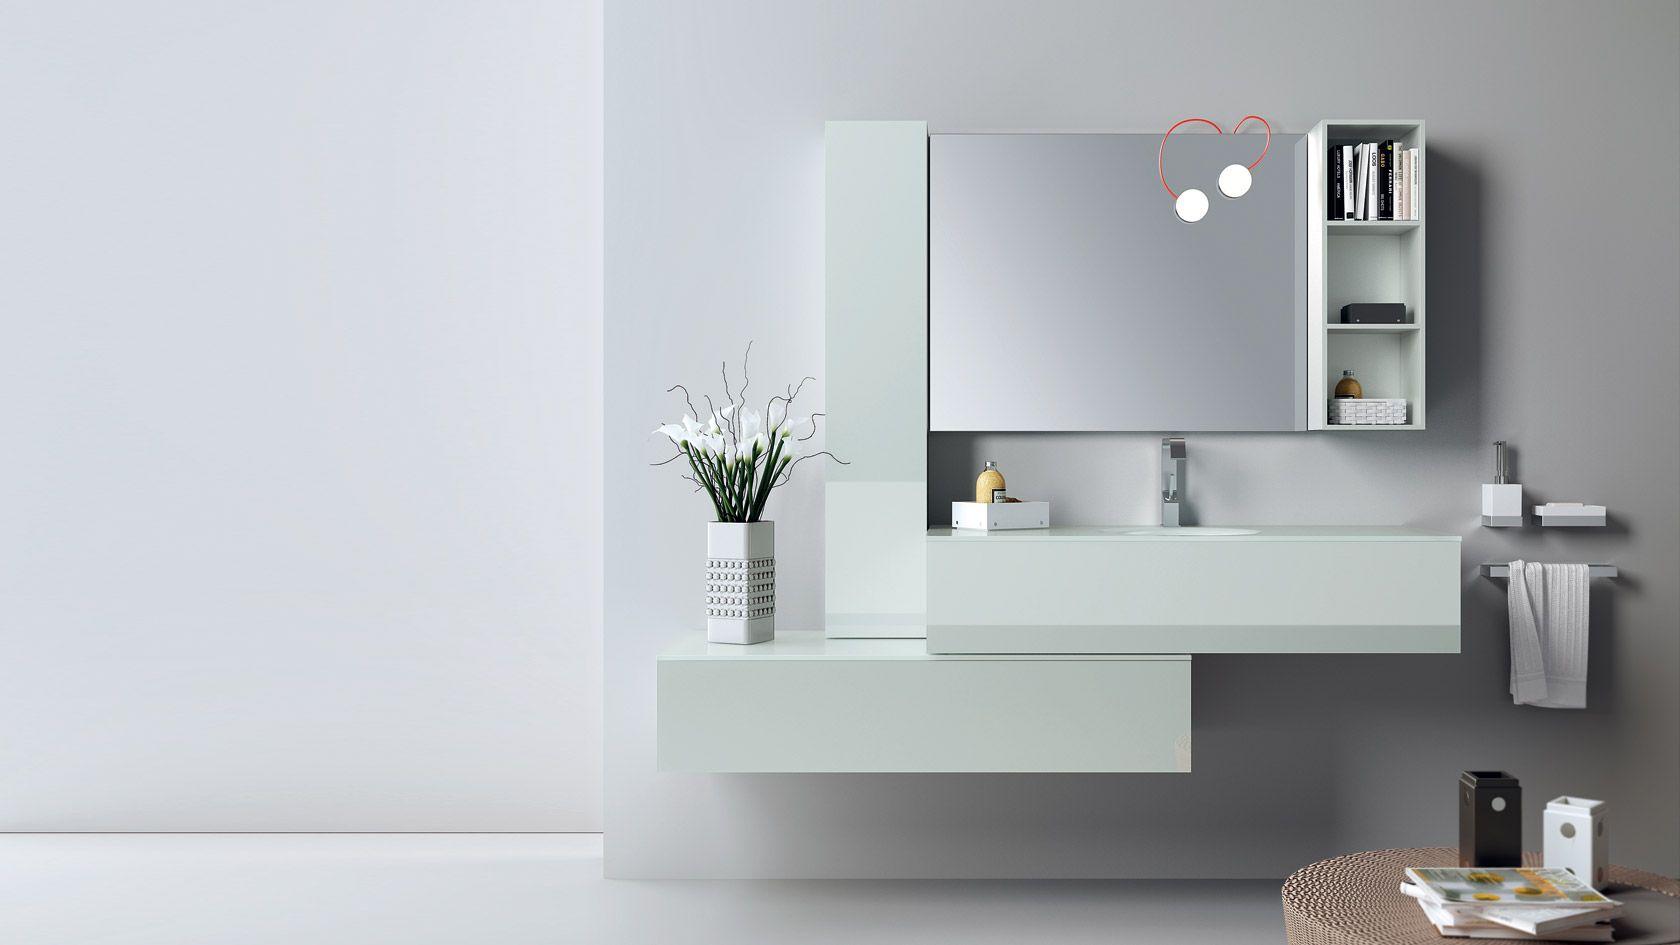 Arredo Bagno Blu Scavolini : Arredamento bagno font sito ufficiale scavolini bagni moderni